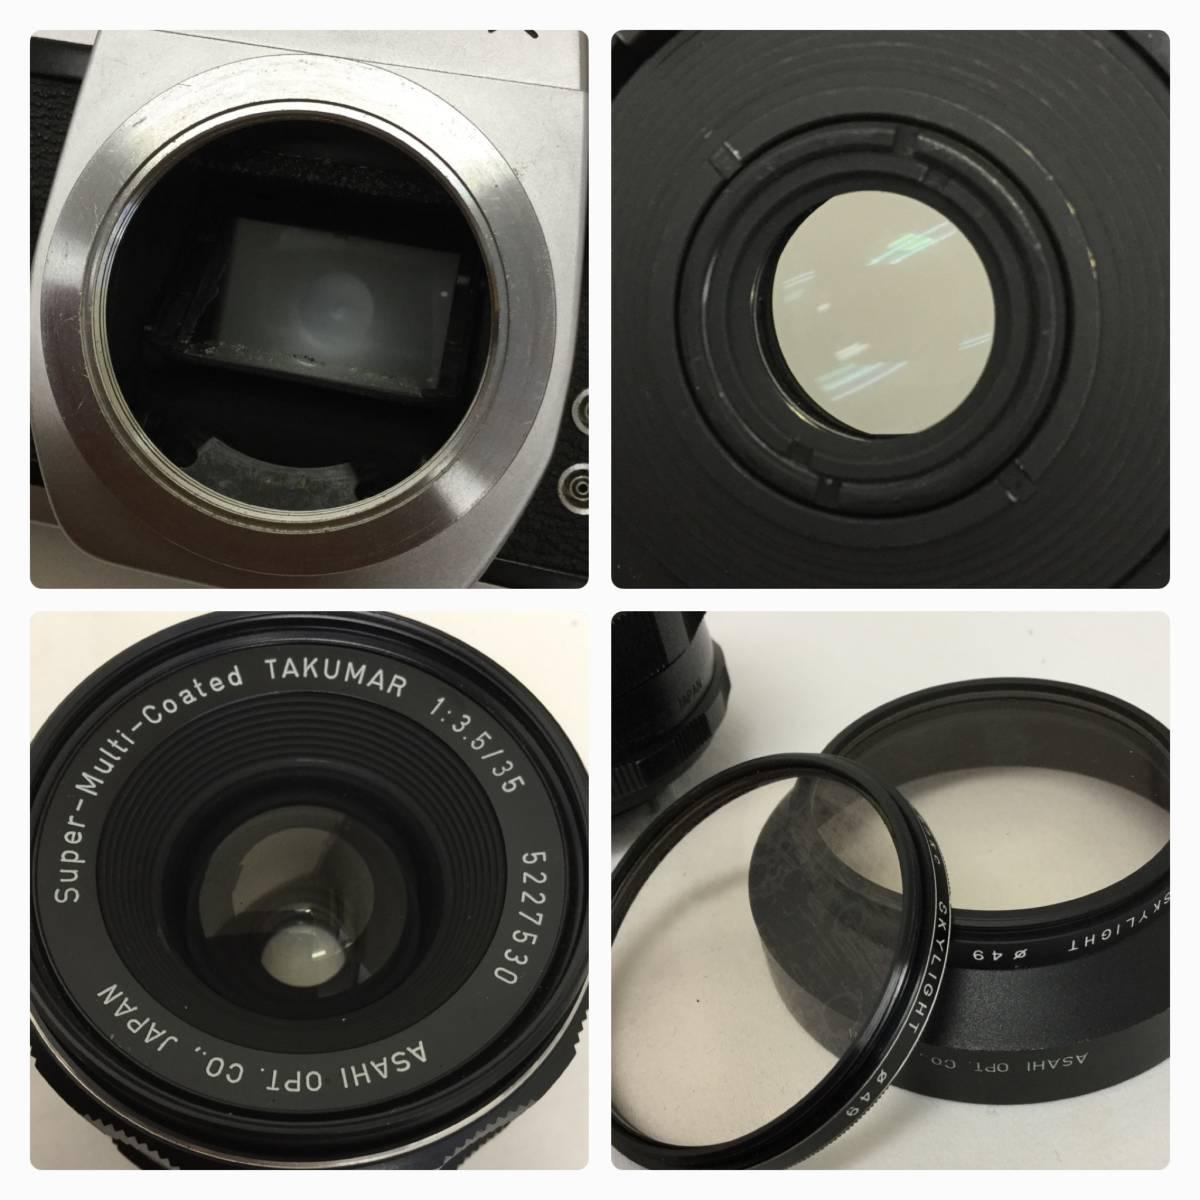 PENTAX ペンタックス ASAHI SPOTMATIC SP フィルム カメラ Coated TAKUMAR 1:3.5/35 レンズ _画像2